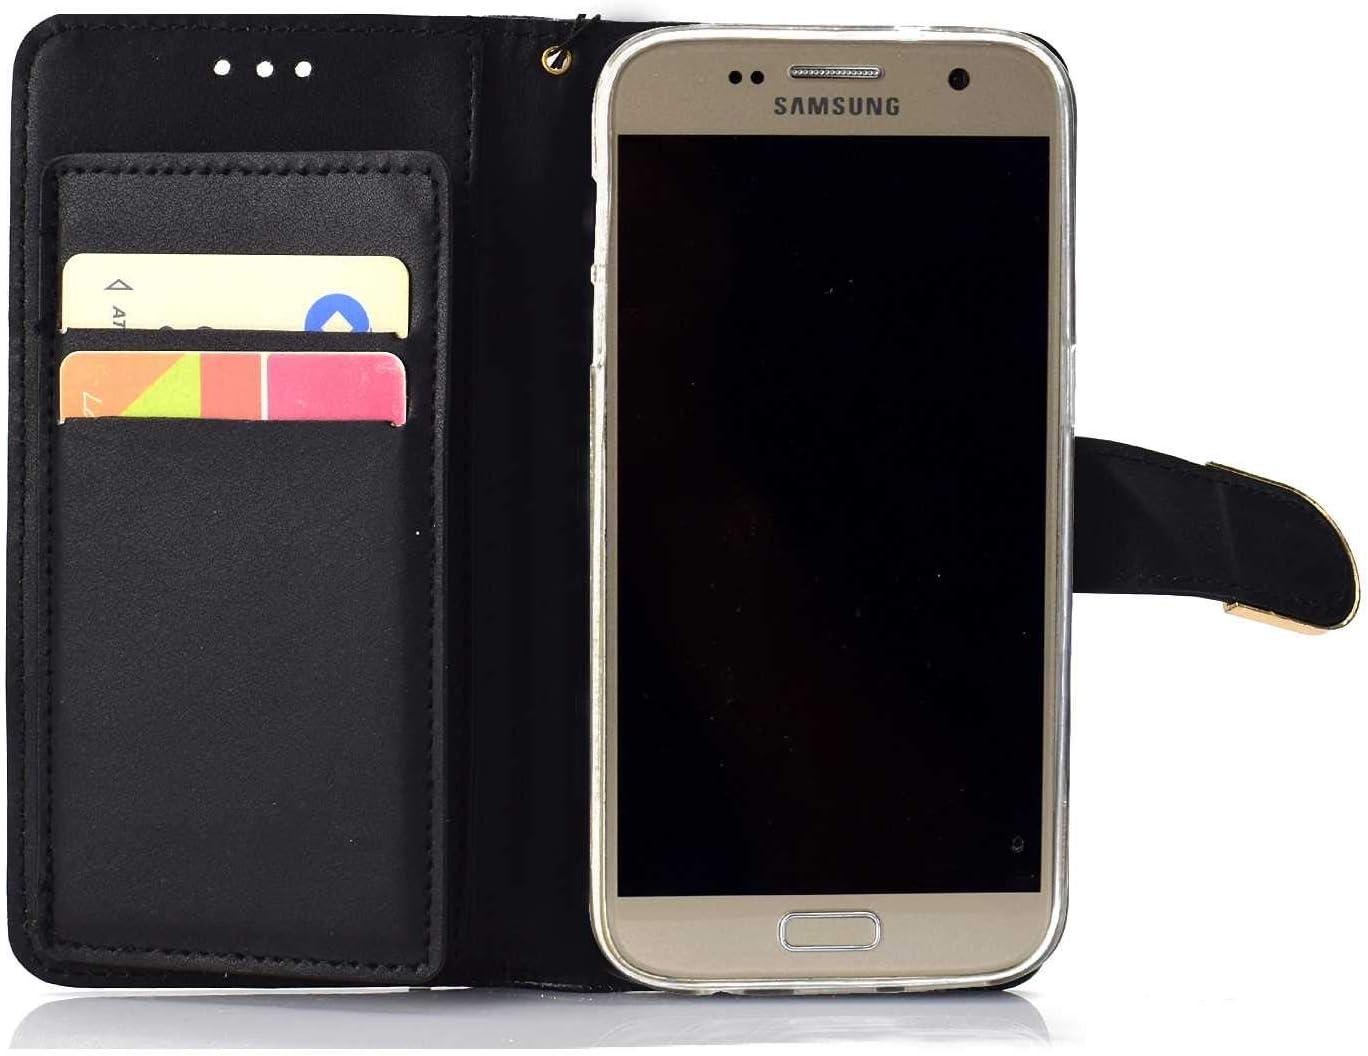 Pr/émium Portefeuille Coque pour Apple Galaxy S7 The Grafu/® Brillante Glitter /Étui en Cuir /à Rabat avec emplacements pour Cartes Noir Coque Galaxy S7